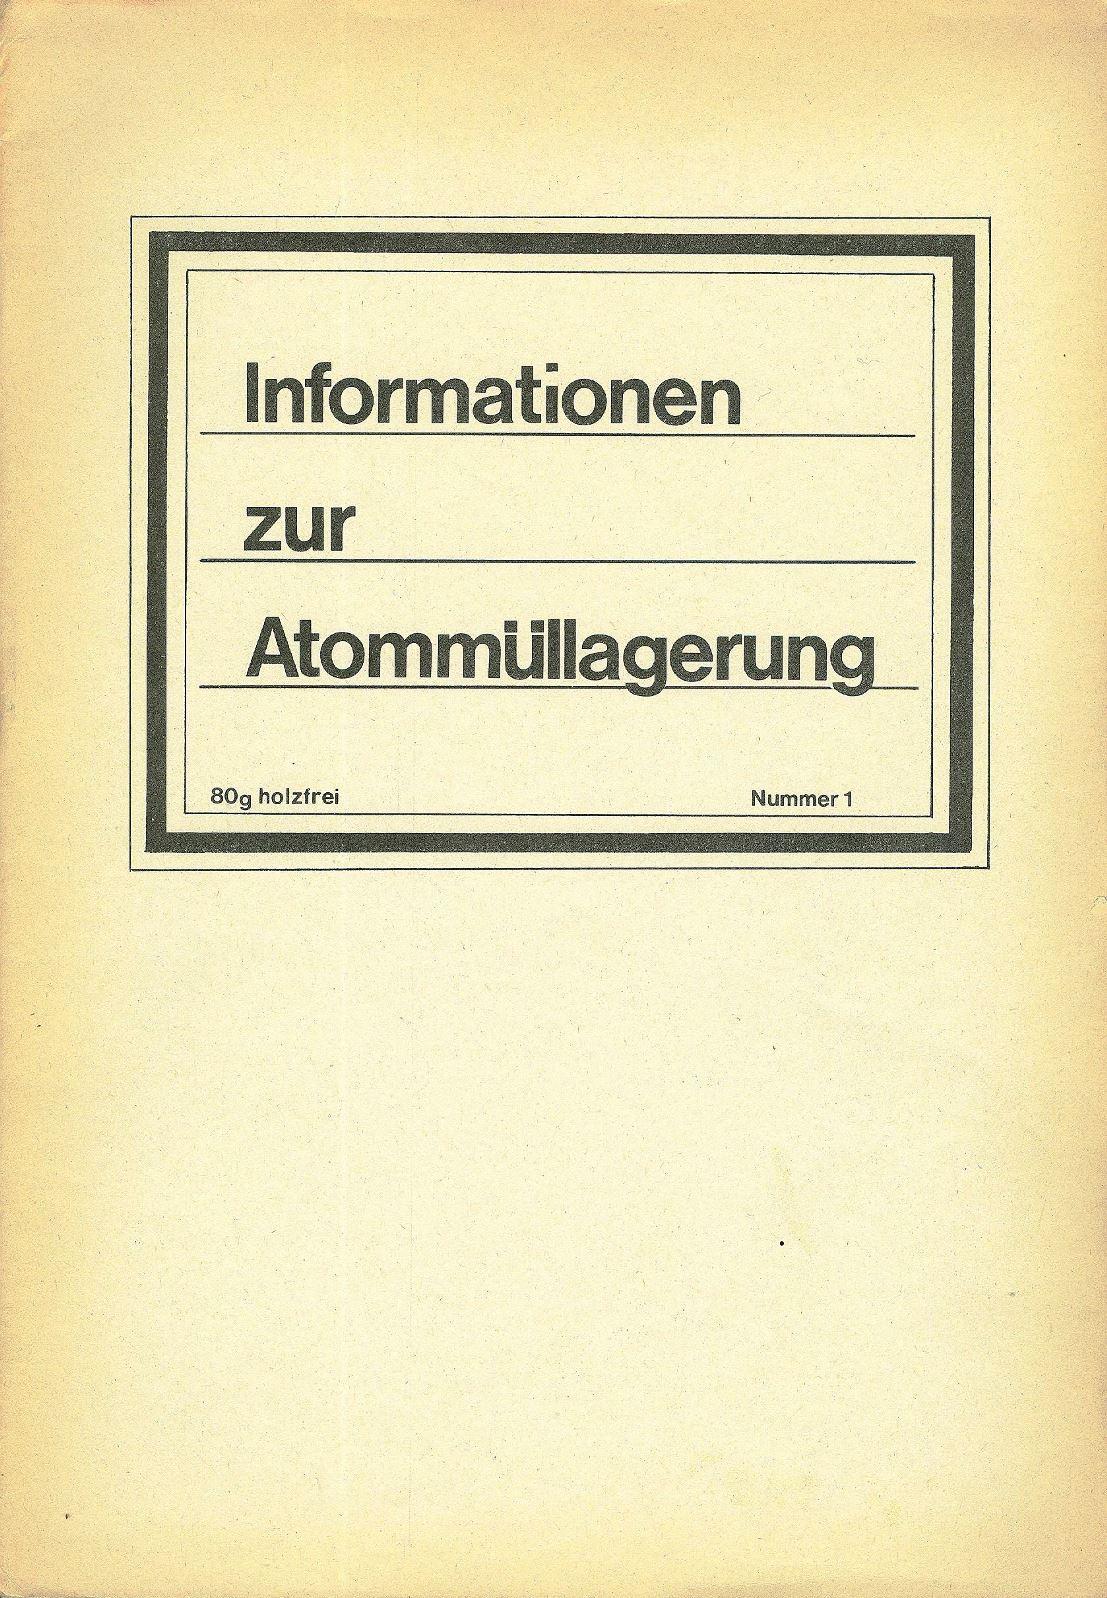 Hessen_AKW001